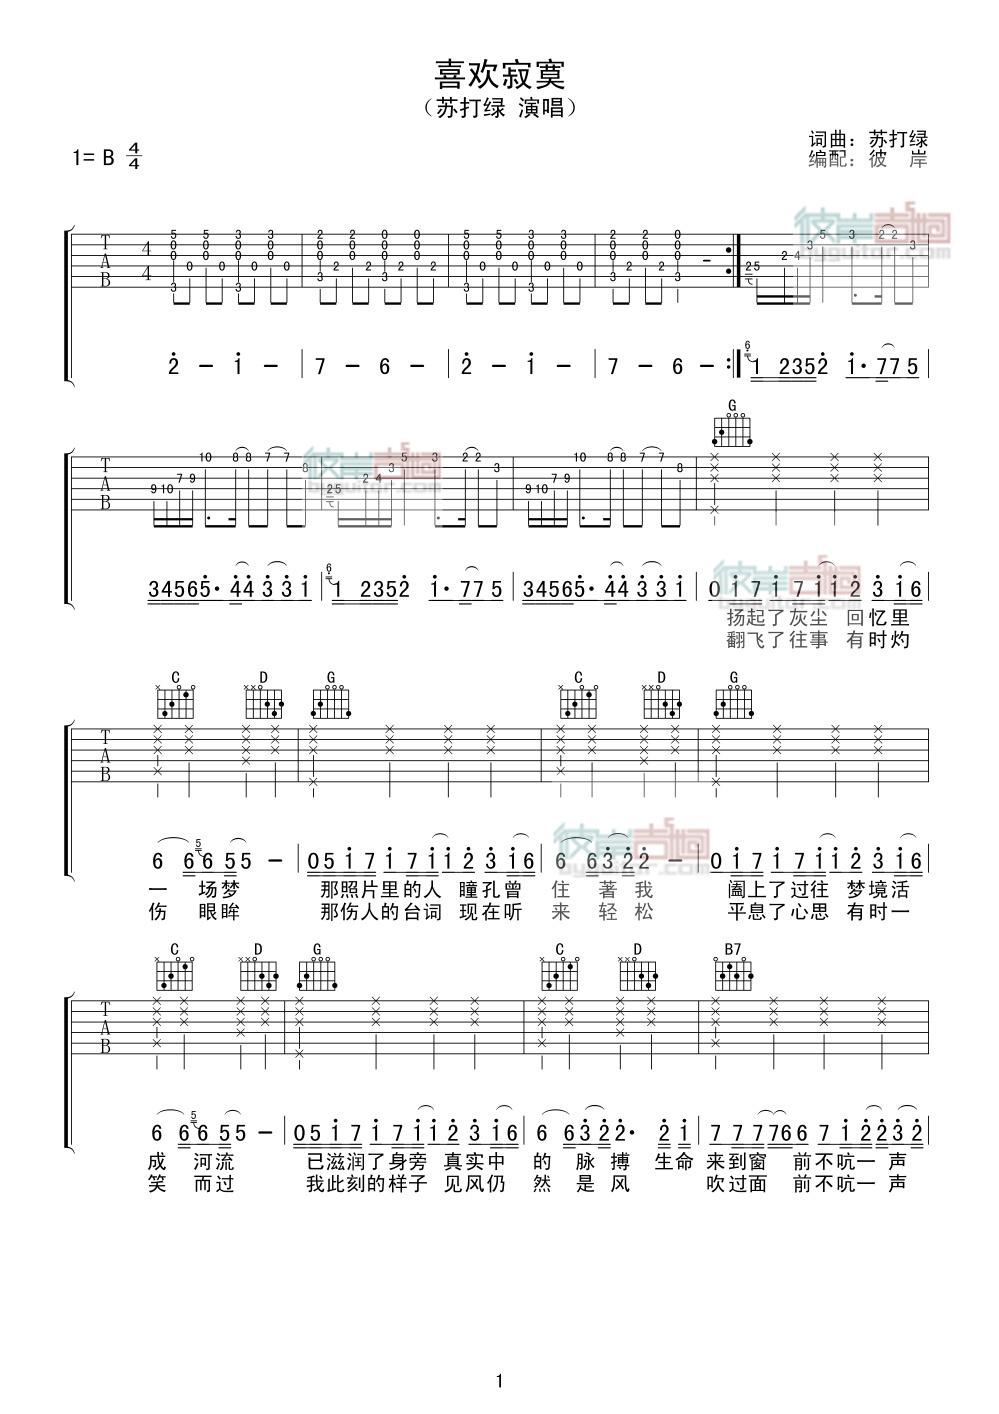 《喜欢寂寞(马叔叔版)》吉他谱图片